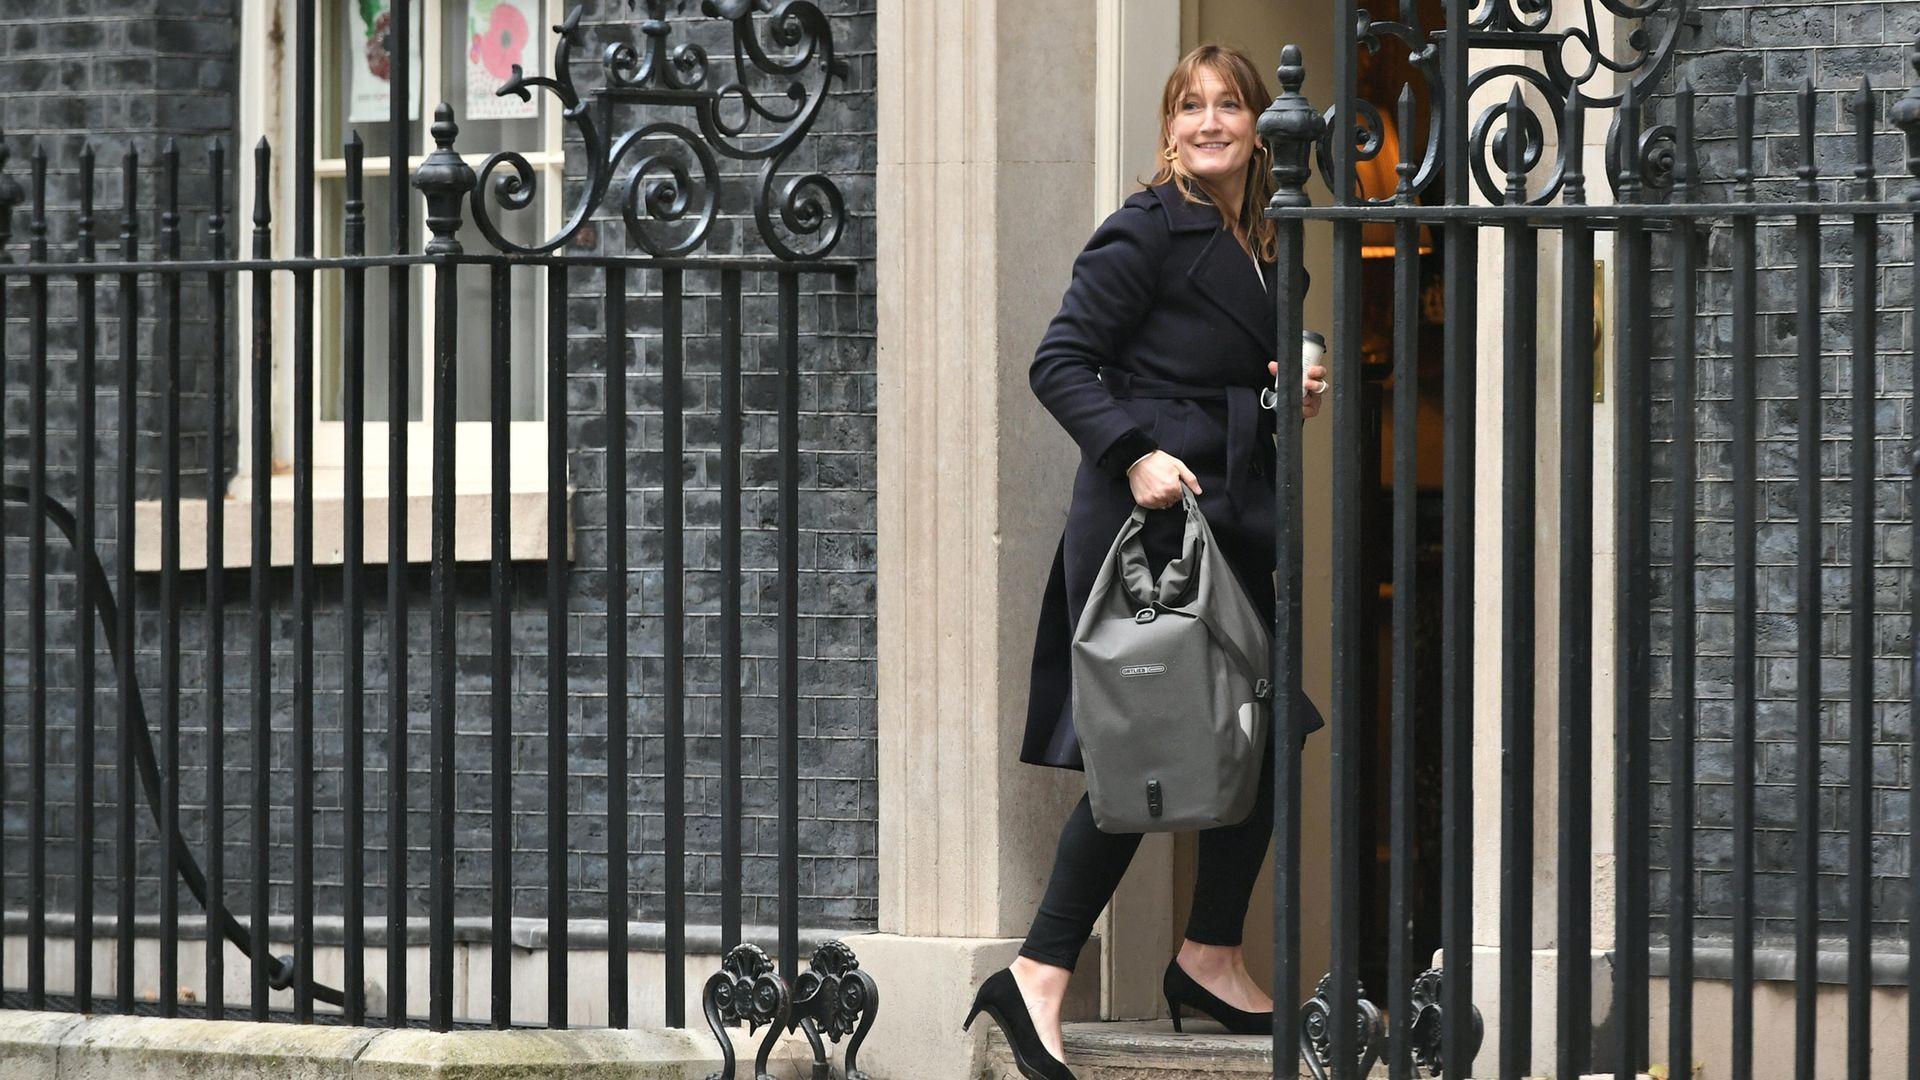 Allegra Stratton, Boris Johnson's former press secretary - Credit: PA